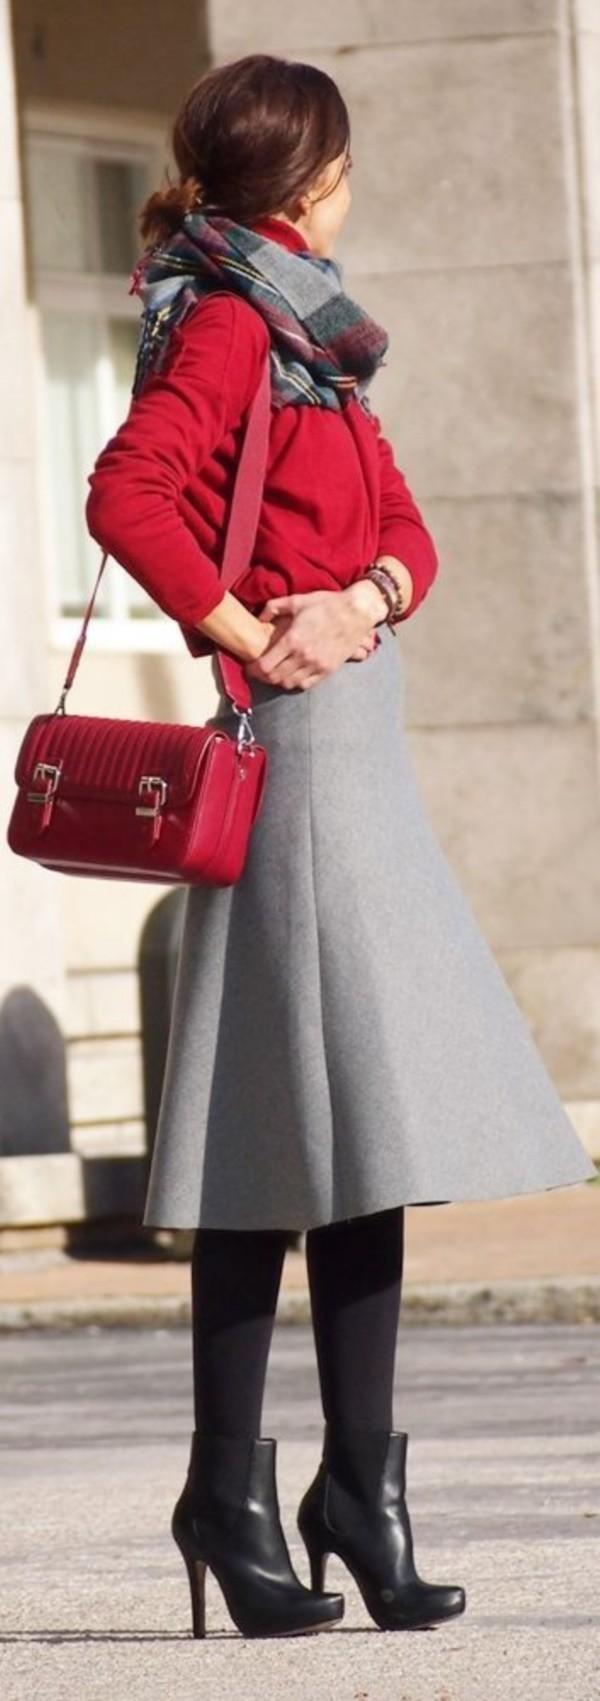 تنسيق اللون الأحمر والرمادي في الملابس-جونلة